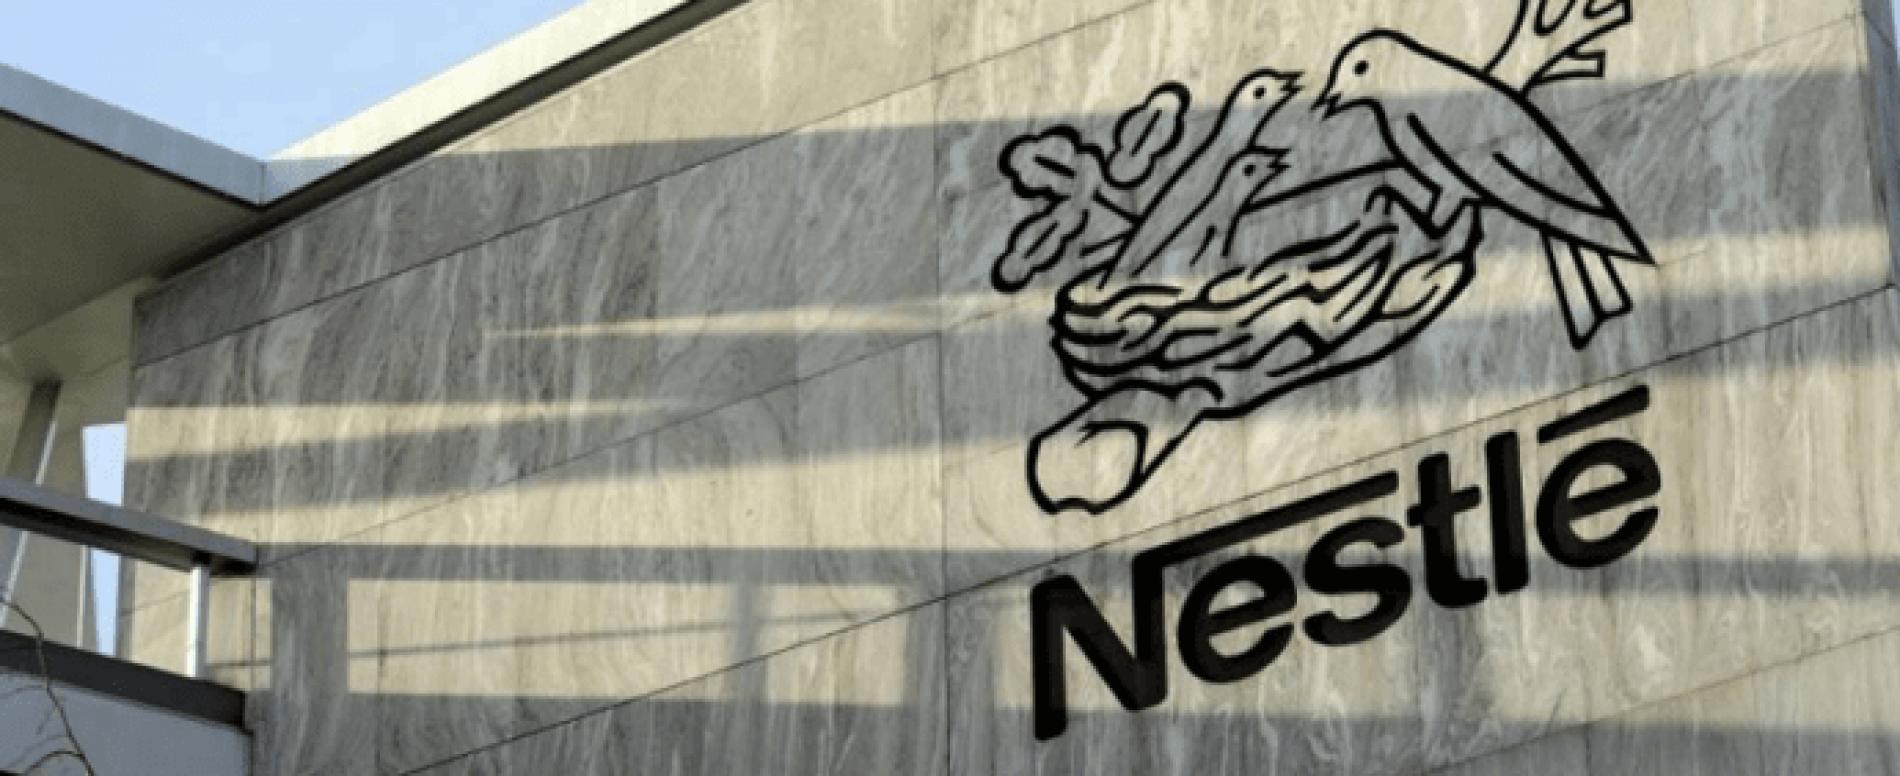 Nestlé delocalizza e taglia posti di lavoro in Svizzera